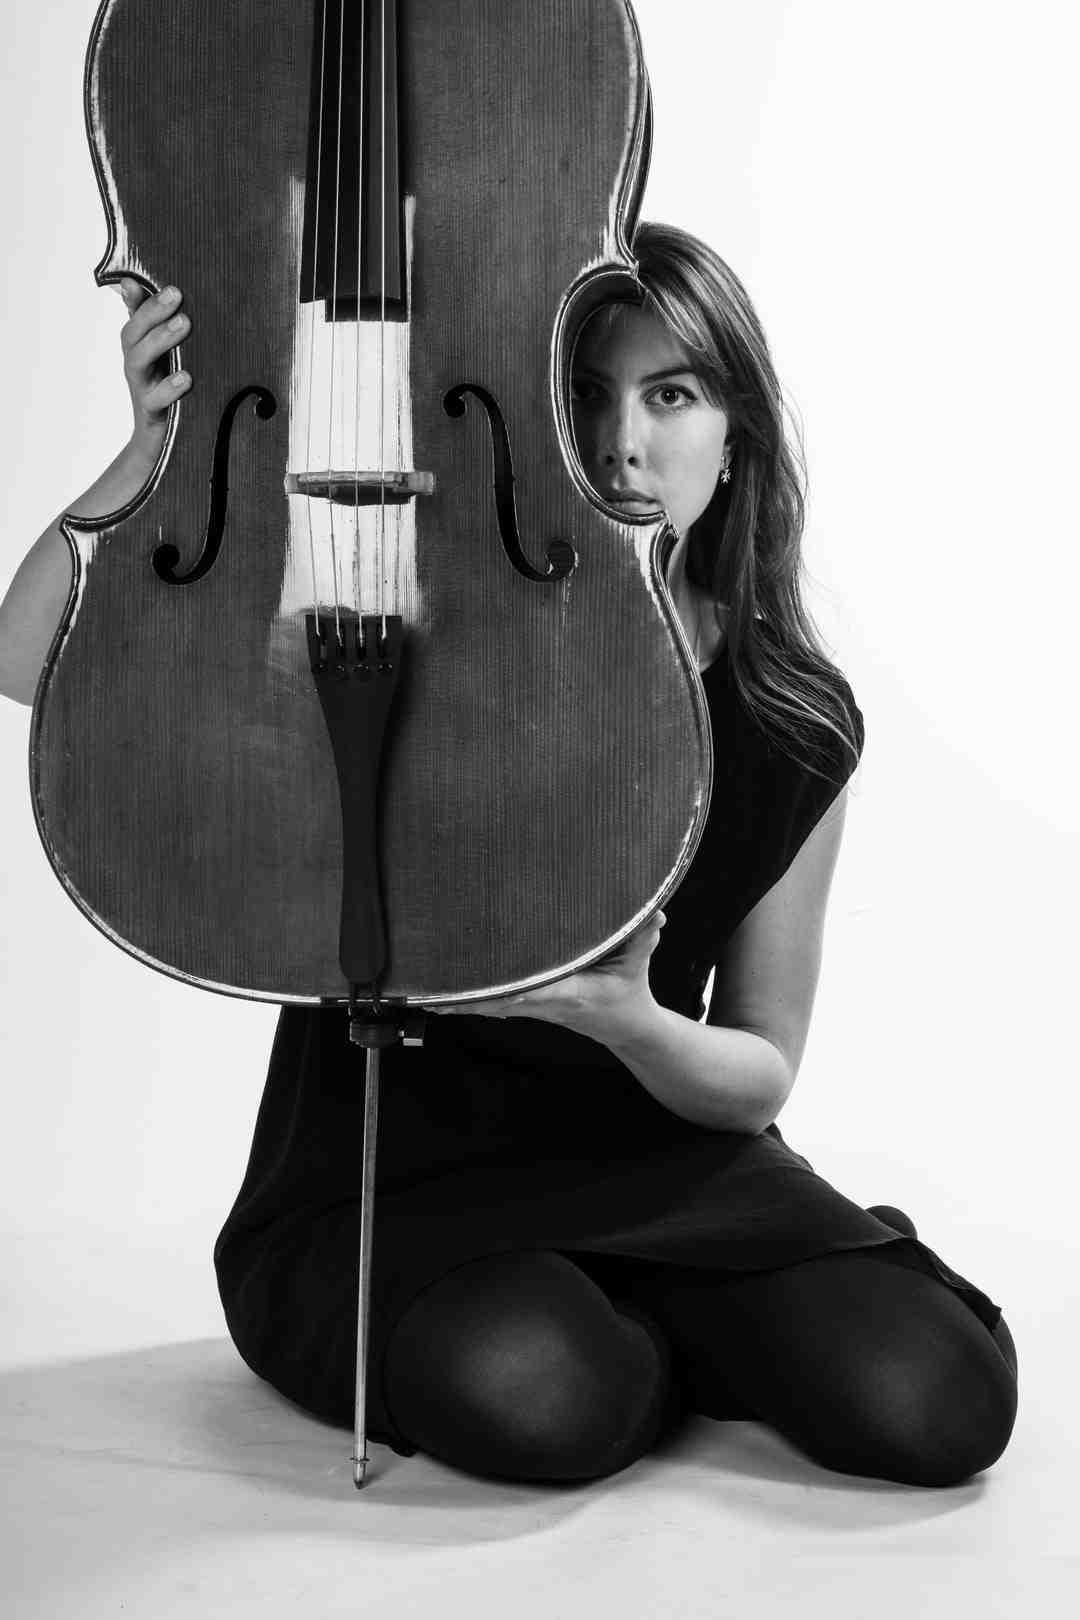 Comment choisir la taille d'une guitare classique?